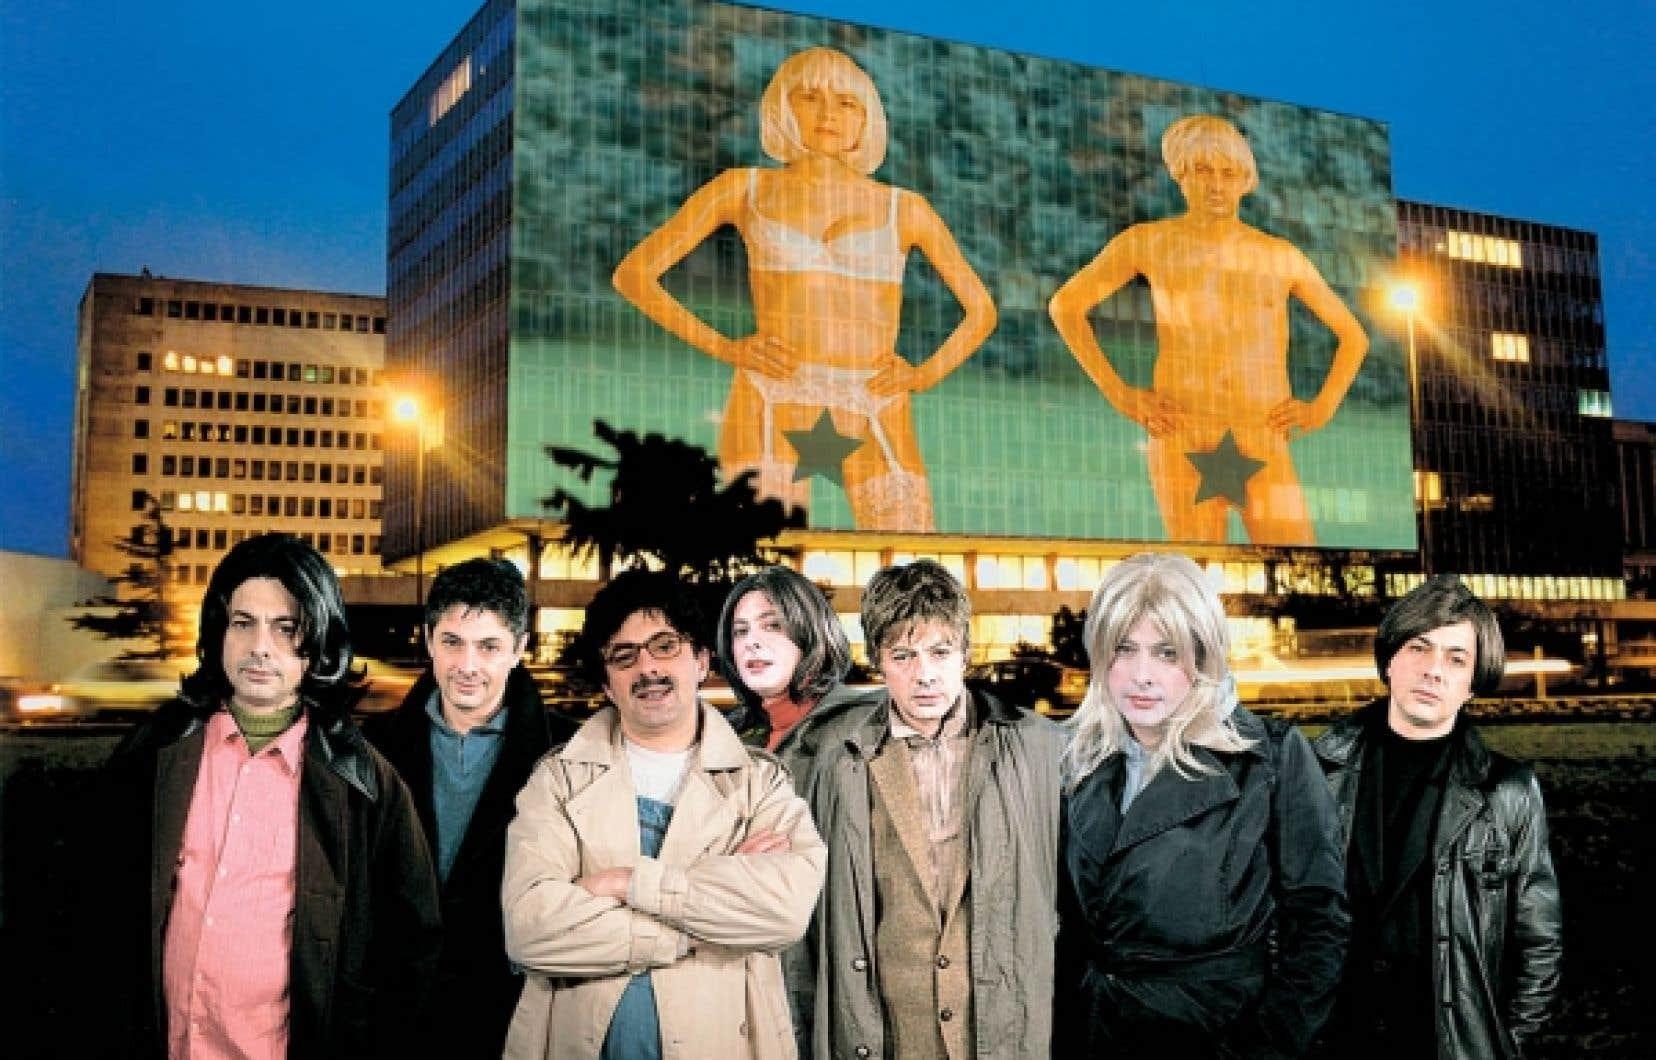 Image tirée du court métrage Nantes. Projets d'artistes (2000), de Pierrick Sorin<br />